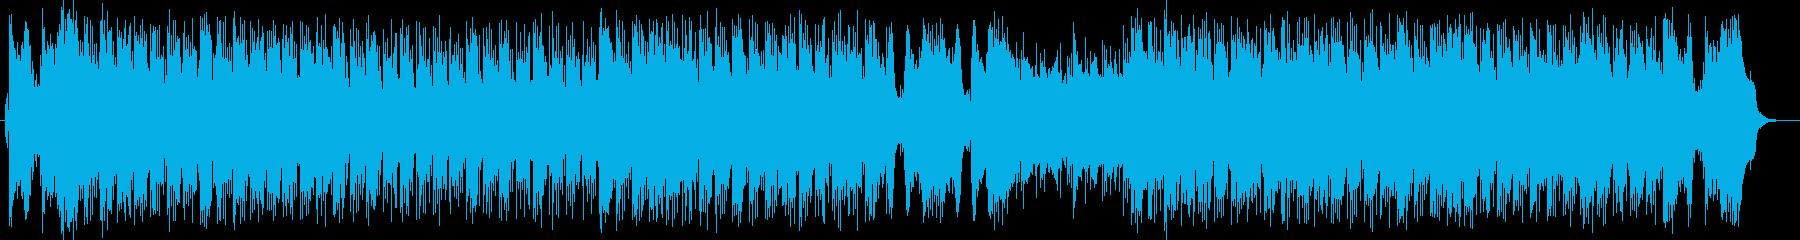 爽快で明るいシンセサイザーサウンドの再生済みの波形